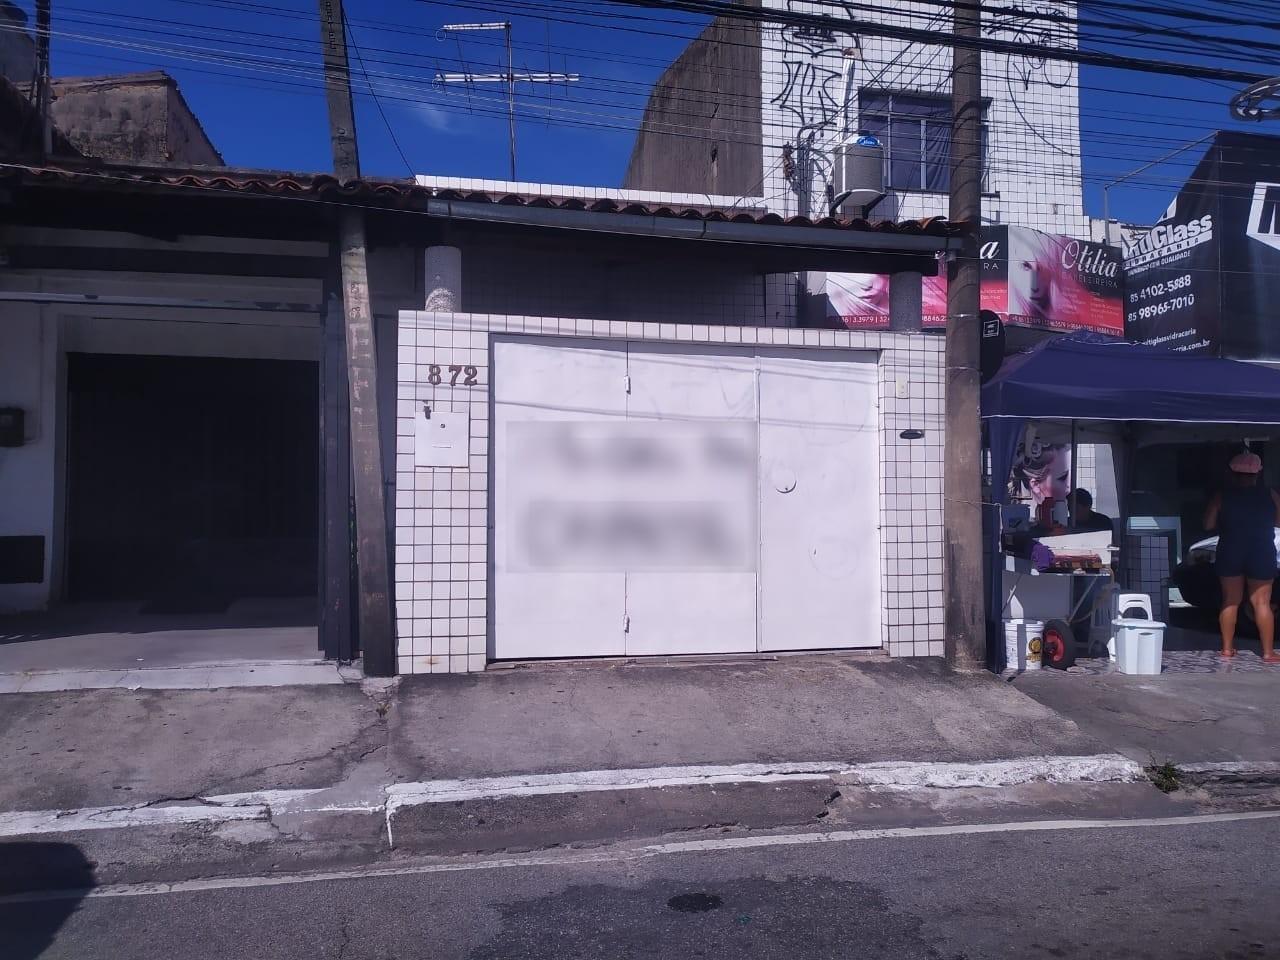 Polícia Civil apura pichações com ameaças de facções em veículos e prédios residenciais e comerciais em Fortaleza